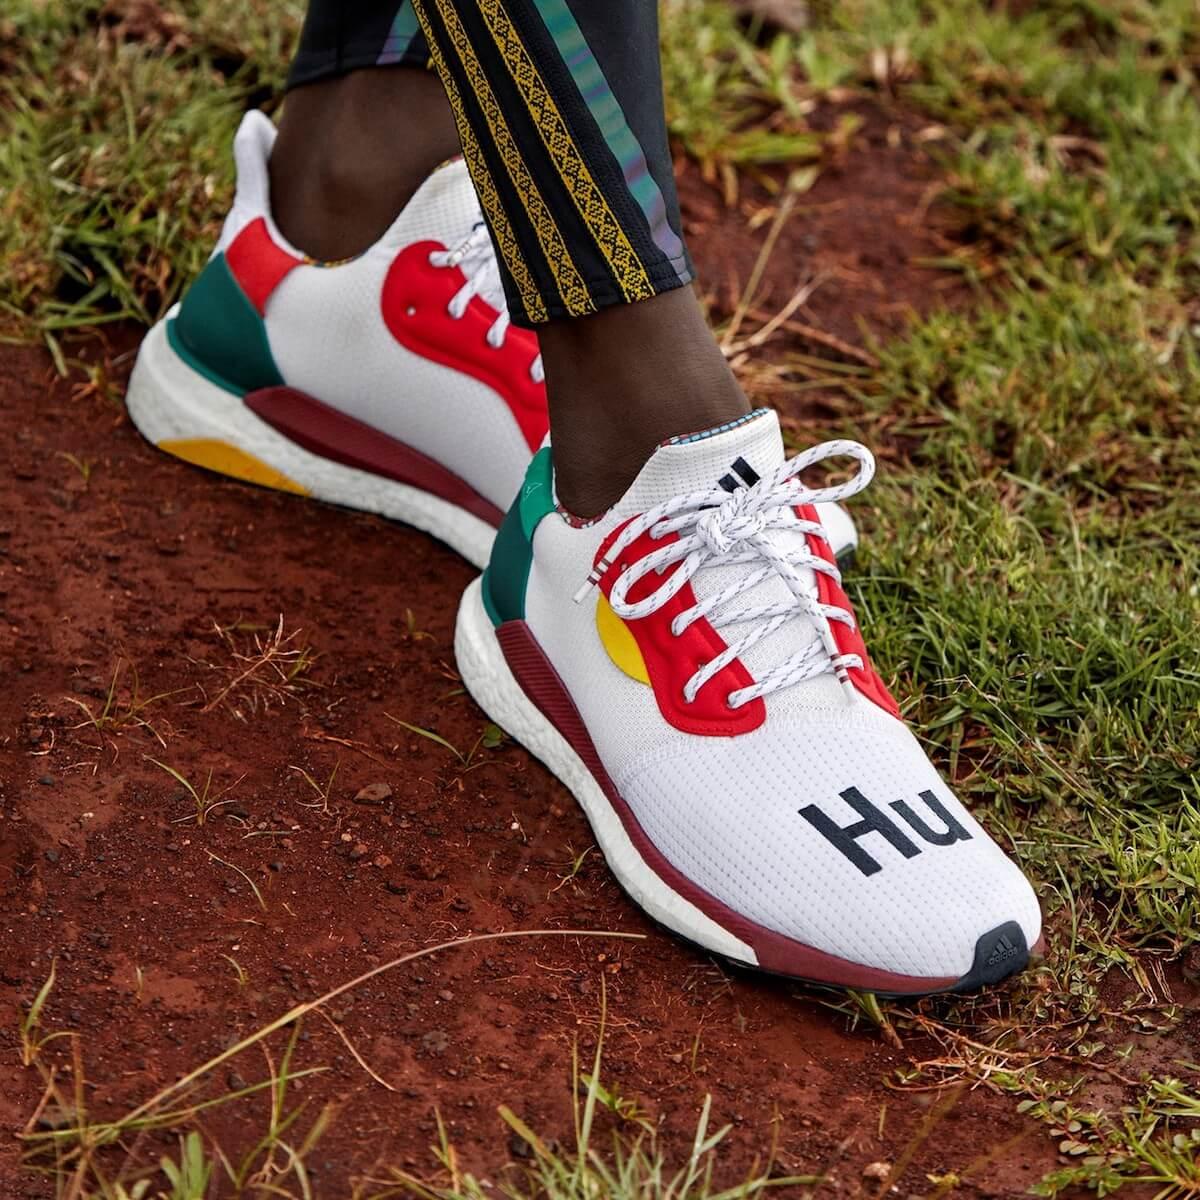 アディダス×ファレル・ウィリアムス コラボコレクション新作が登場! fashion180919_adidas-pharrell_2